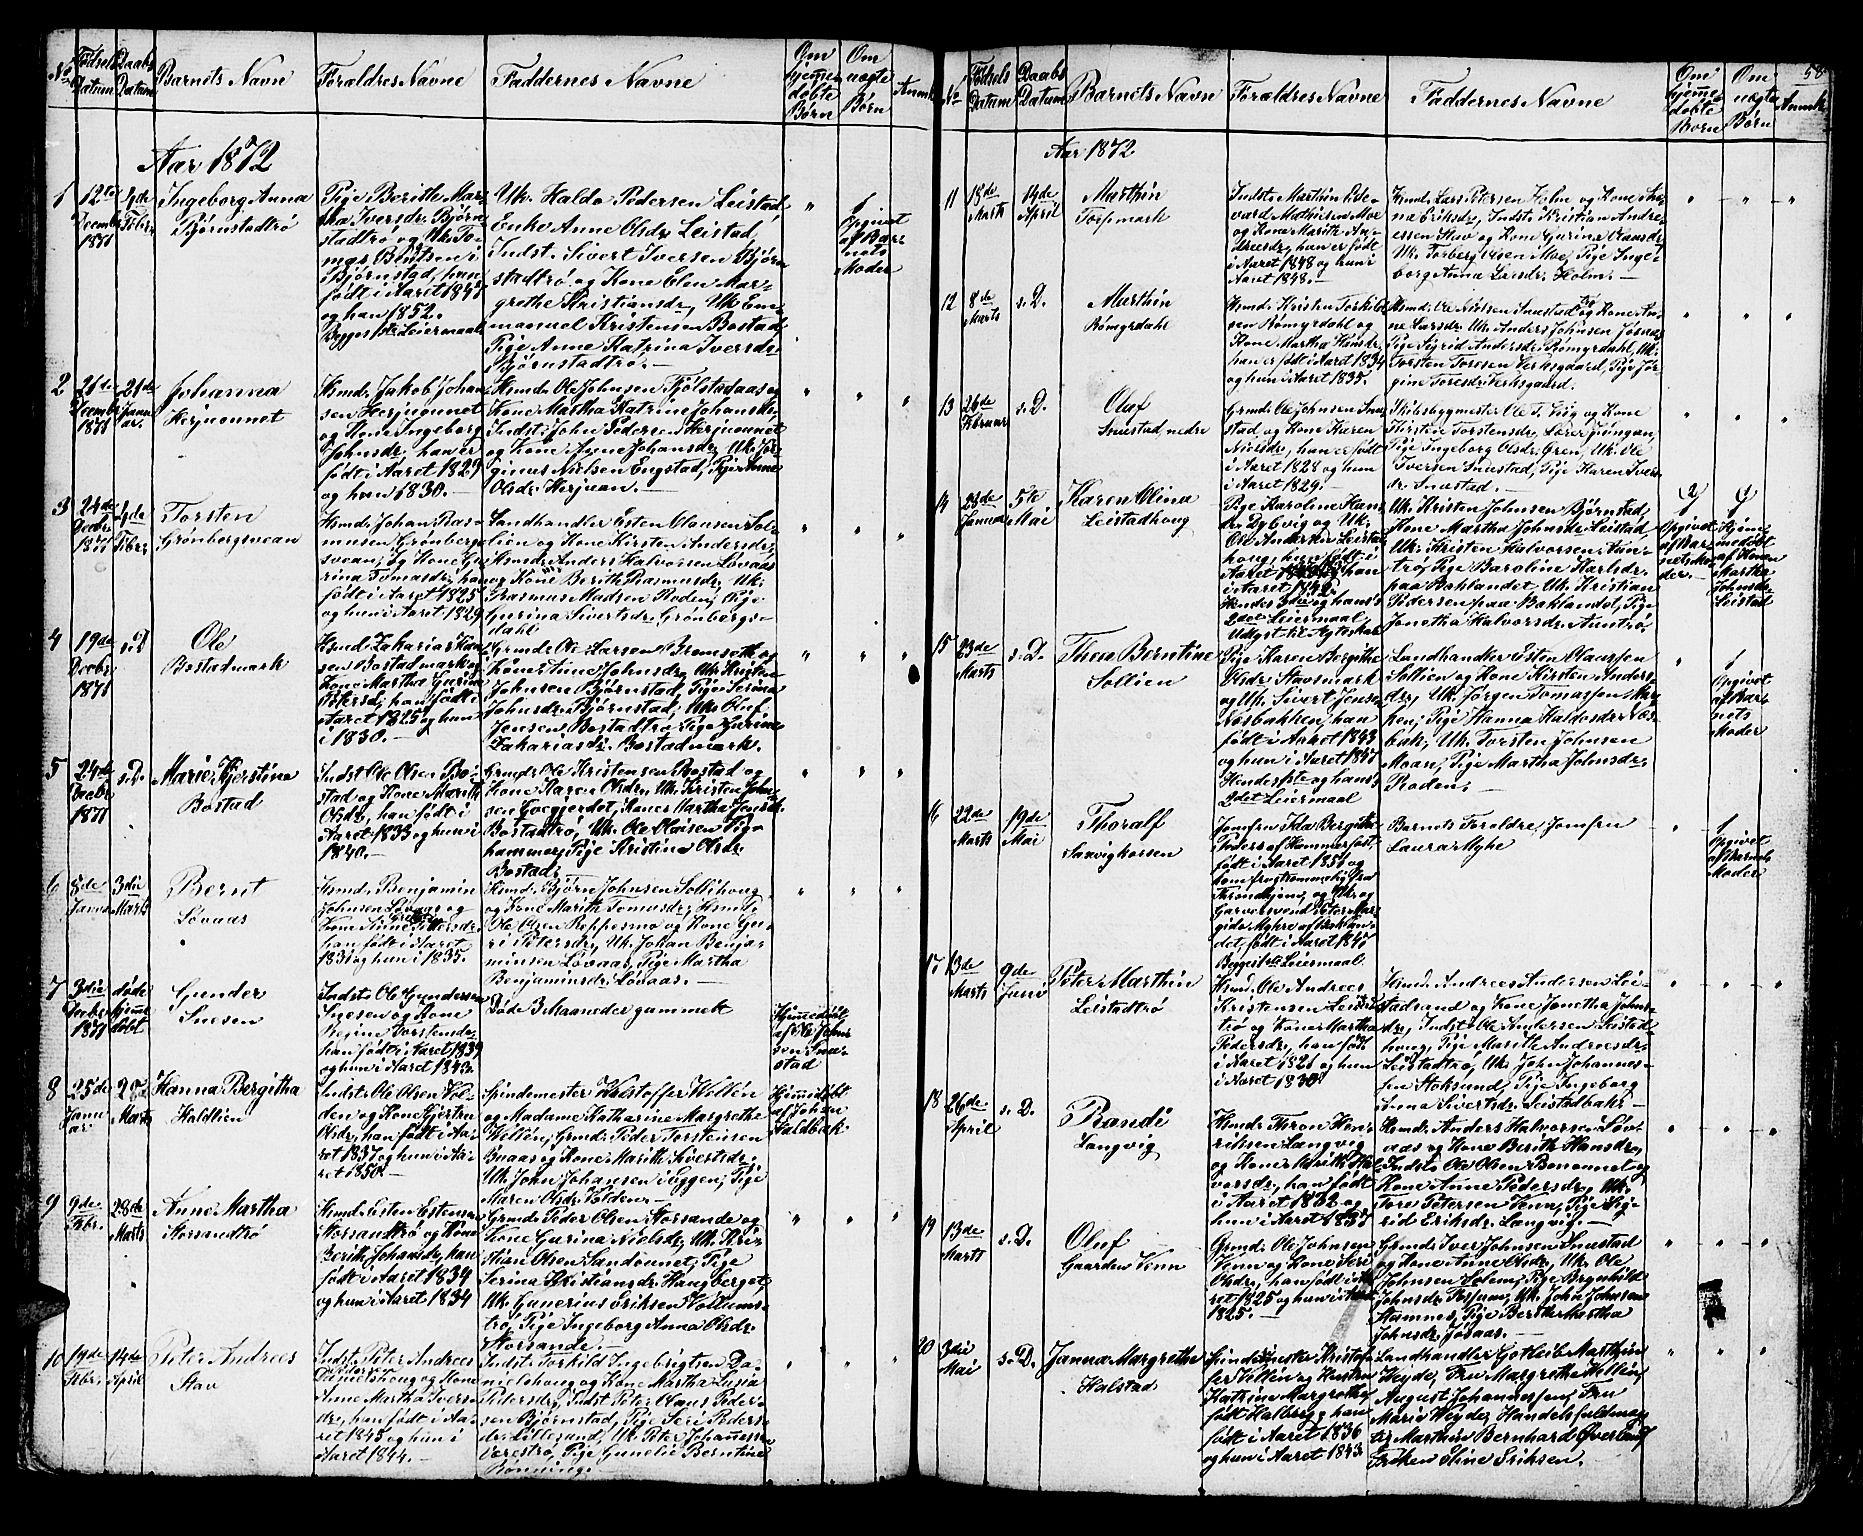 SAT, Ministerialprotokoller, klokkerbøker og fødselsregistre - Sør-Trøndelag, 616/L0422: Klokkerbok nr. 616C05, 1850-1888, s. 58